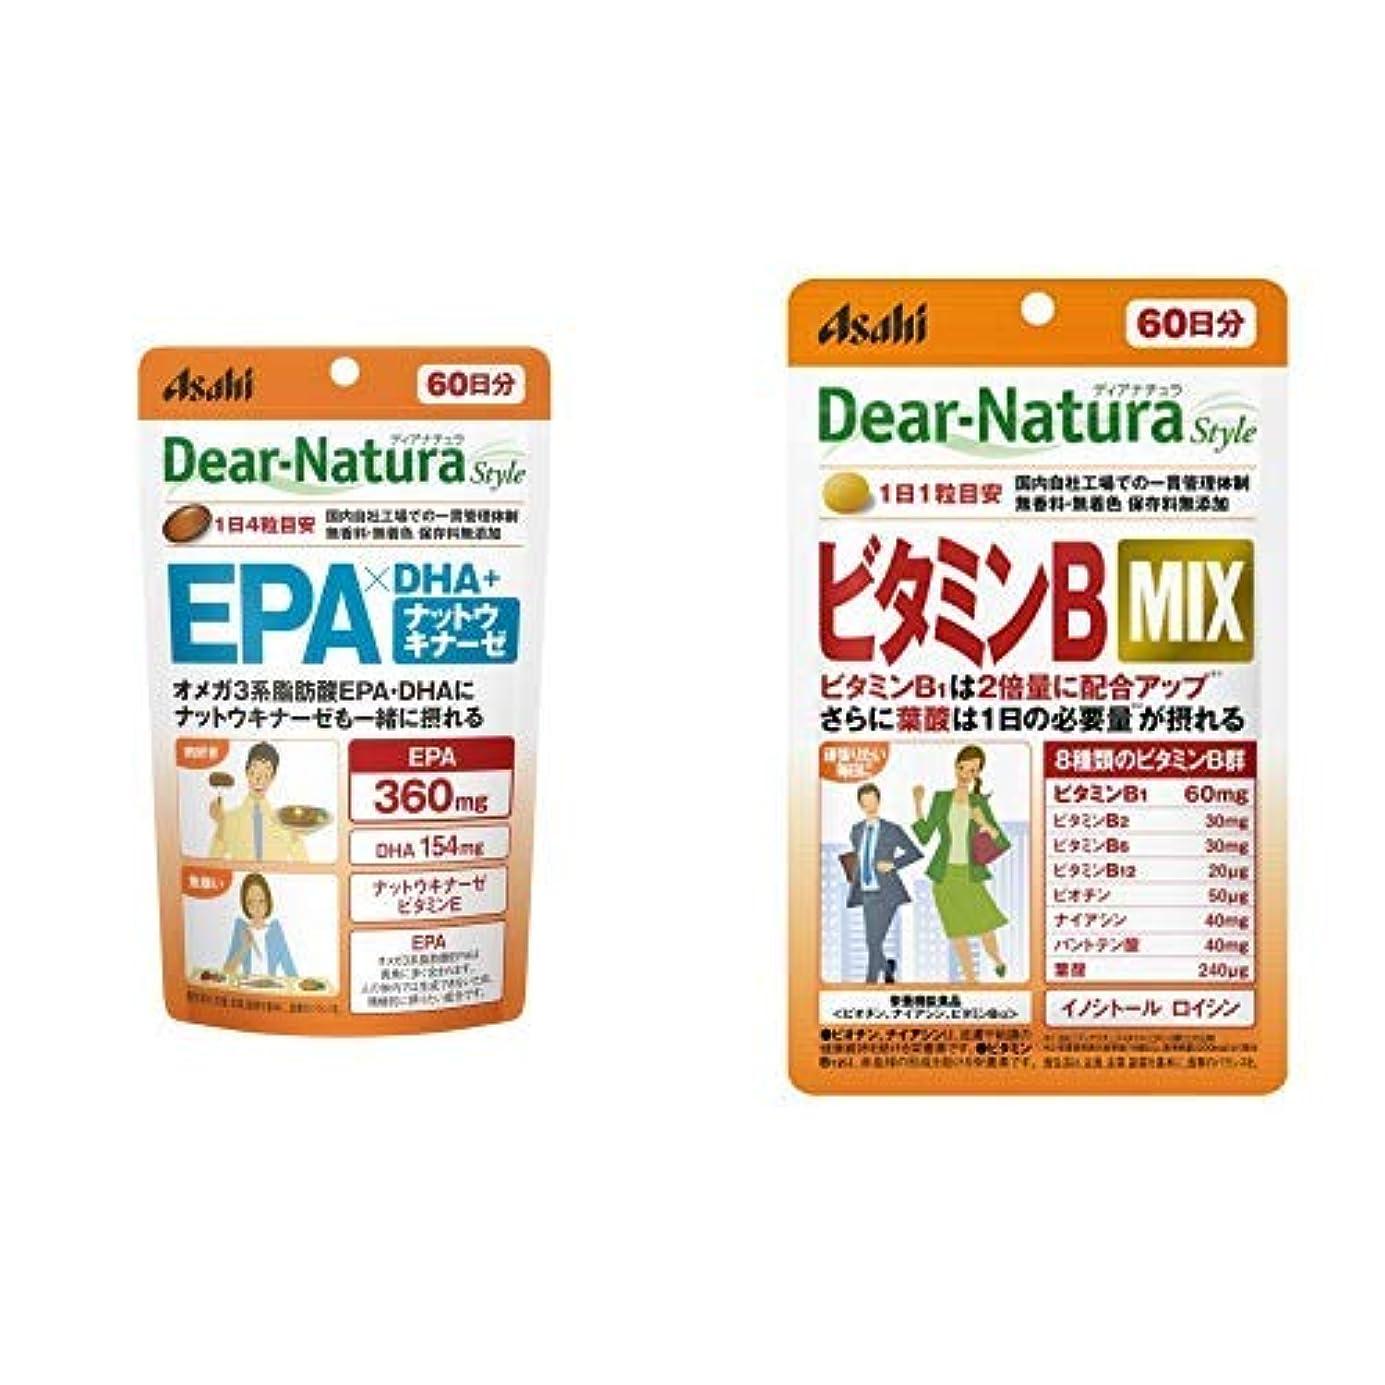 彫刻章ピア【セット買い】ディアナチュラスタイル EPA×DHA+ナットウキナーゼ 60日分 & ビタミンB MIX 60日分